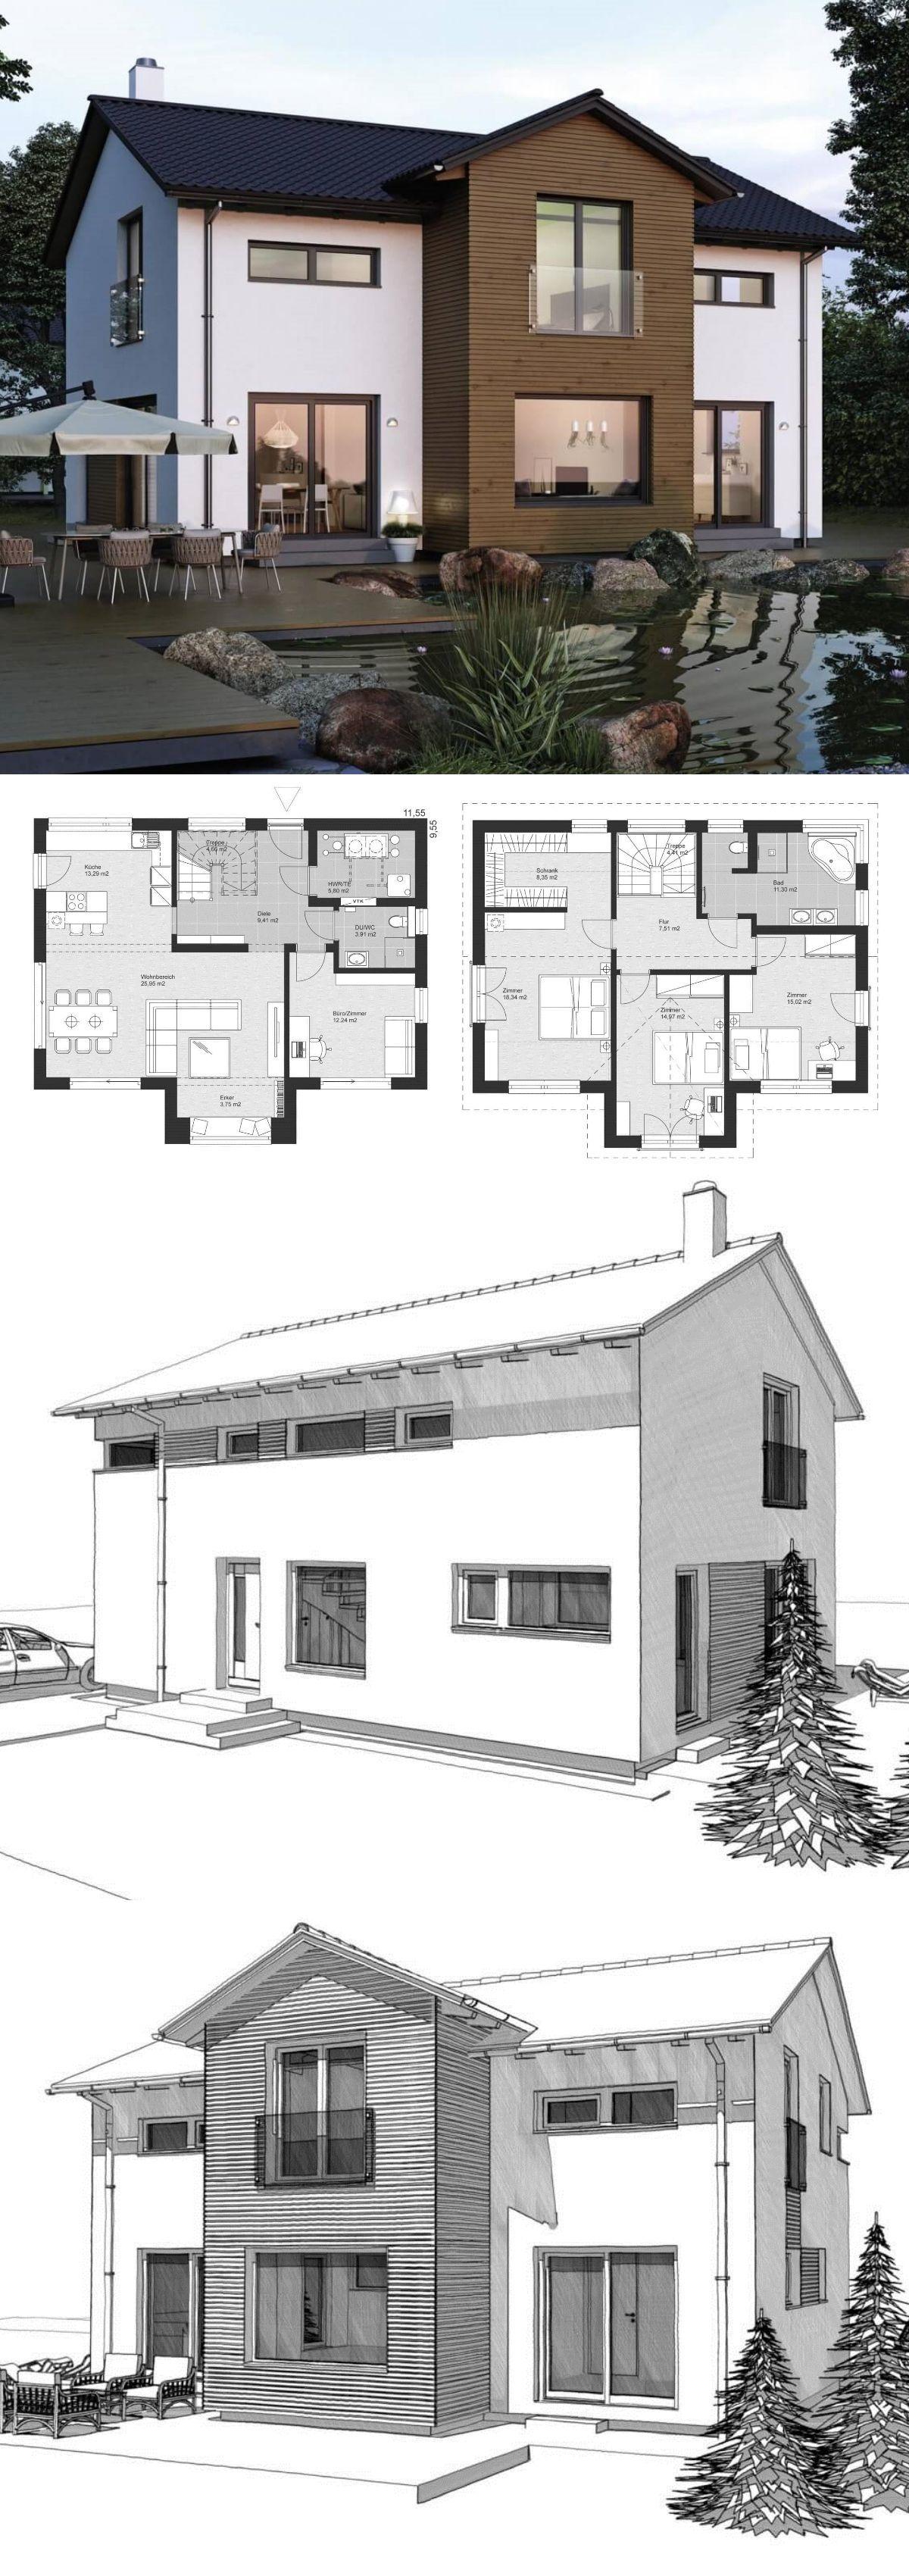 Modernes einfamilienhaus mit satteldach architektur im for Modernes einfamilienhaus grundriss